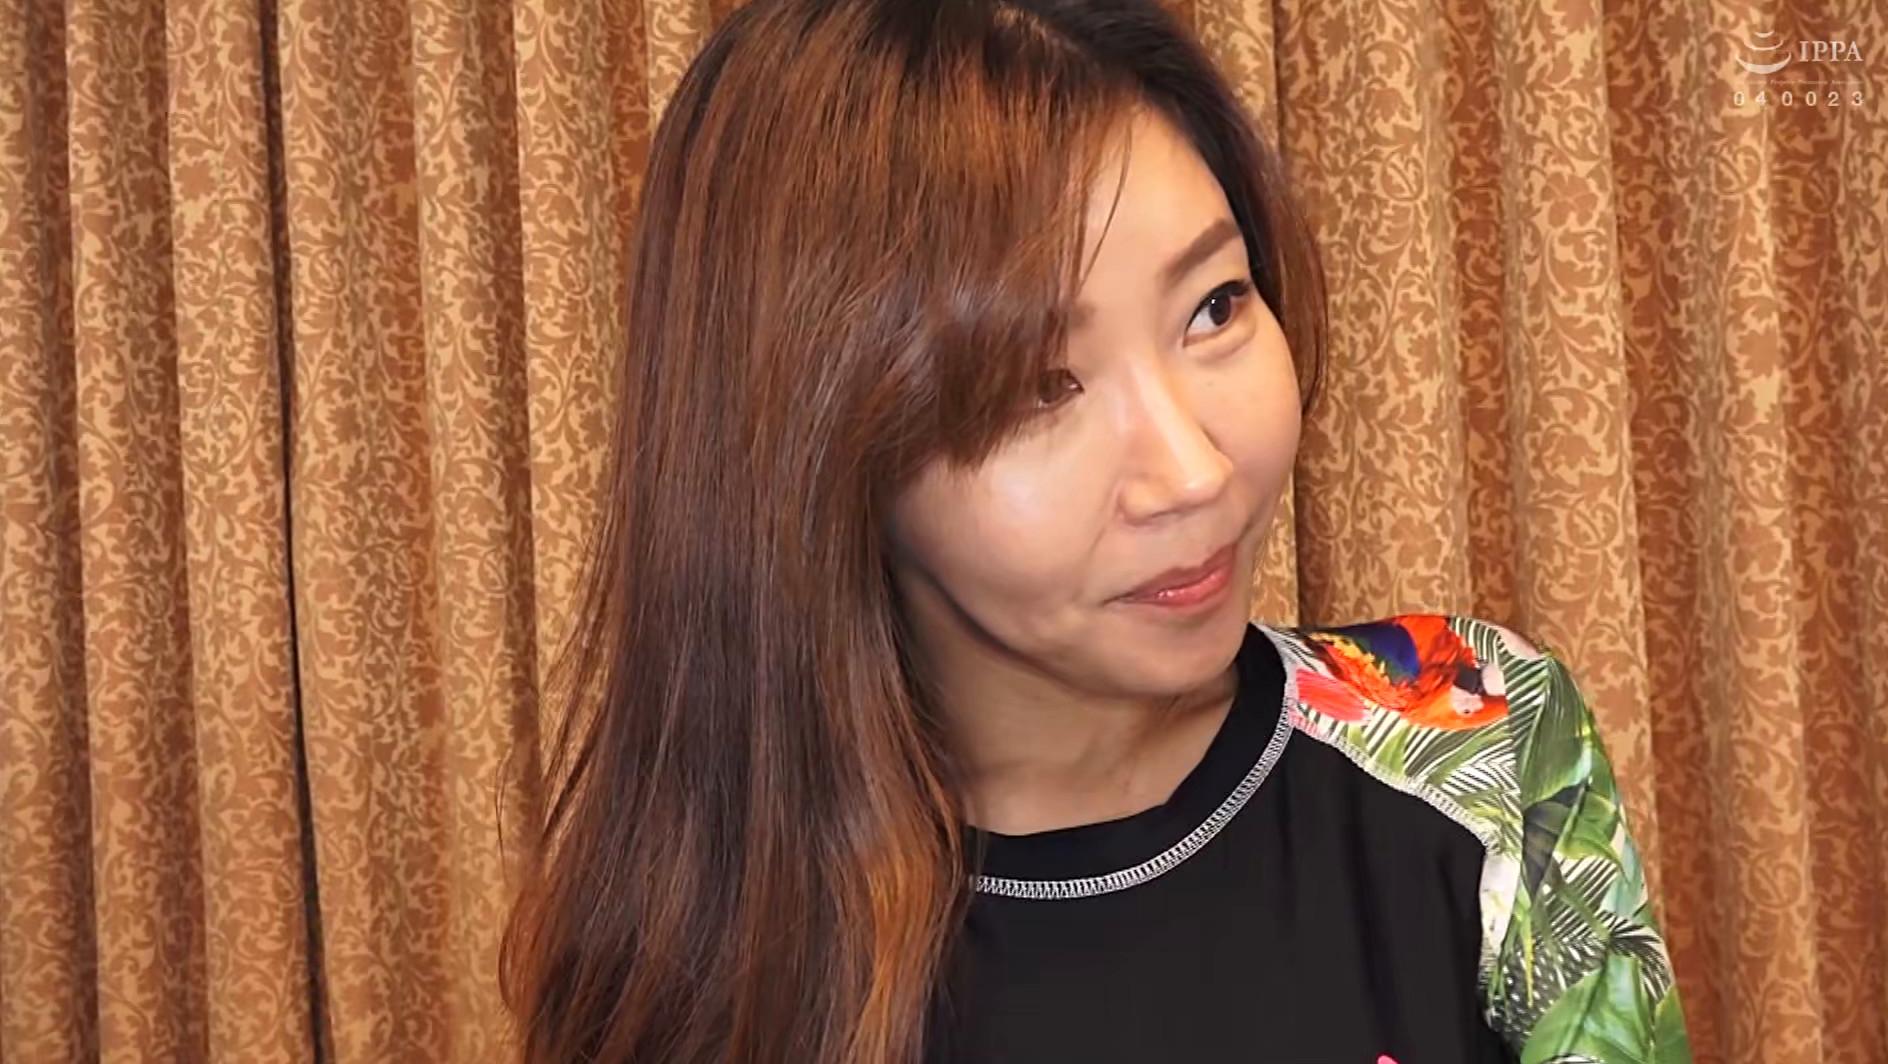 韓国全土で見つけた!凄まじいSEXポテンシャルを持ったオルチャン美女 9人4時間 画像19